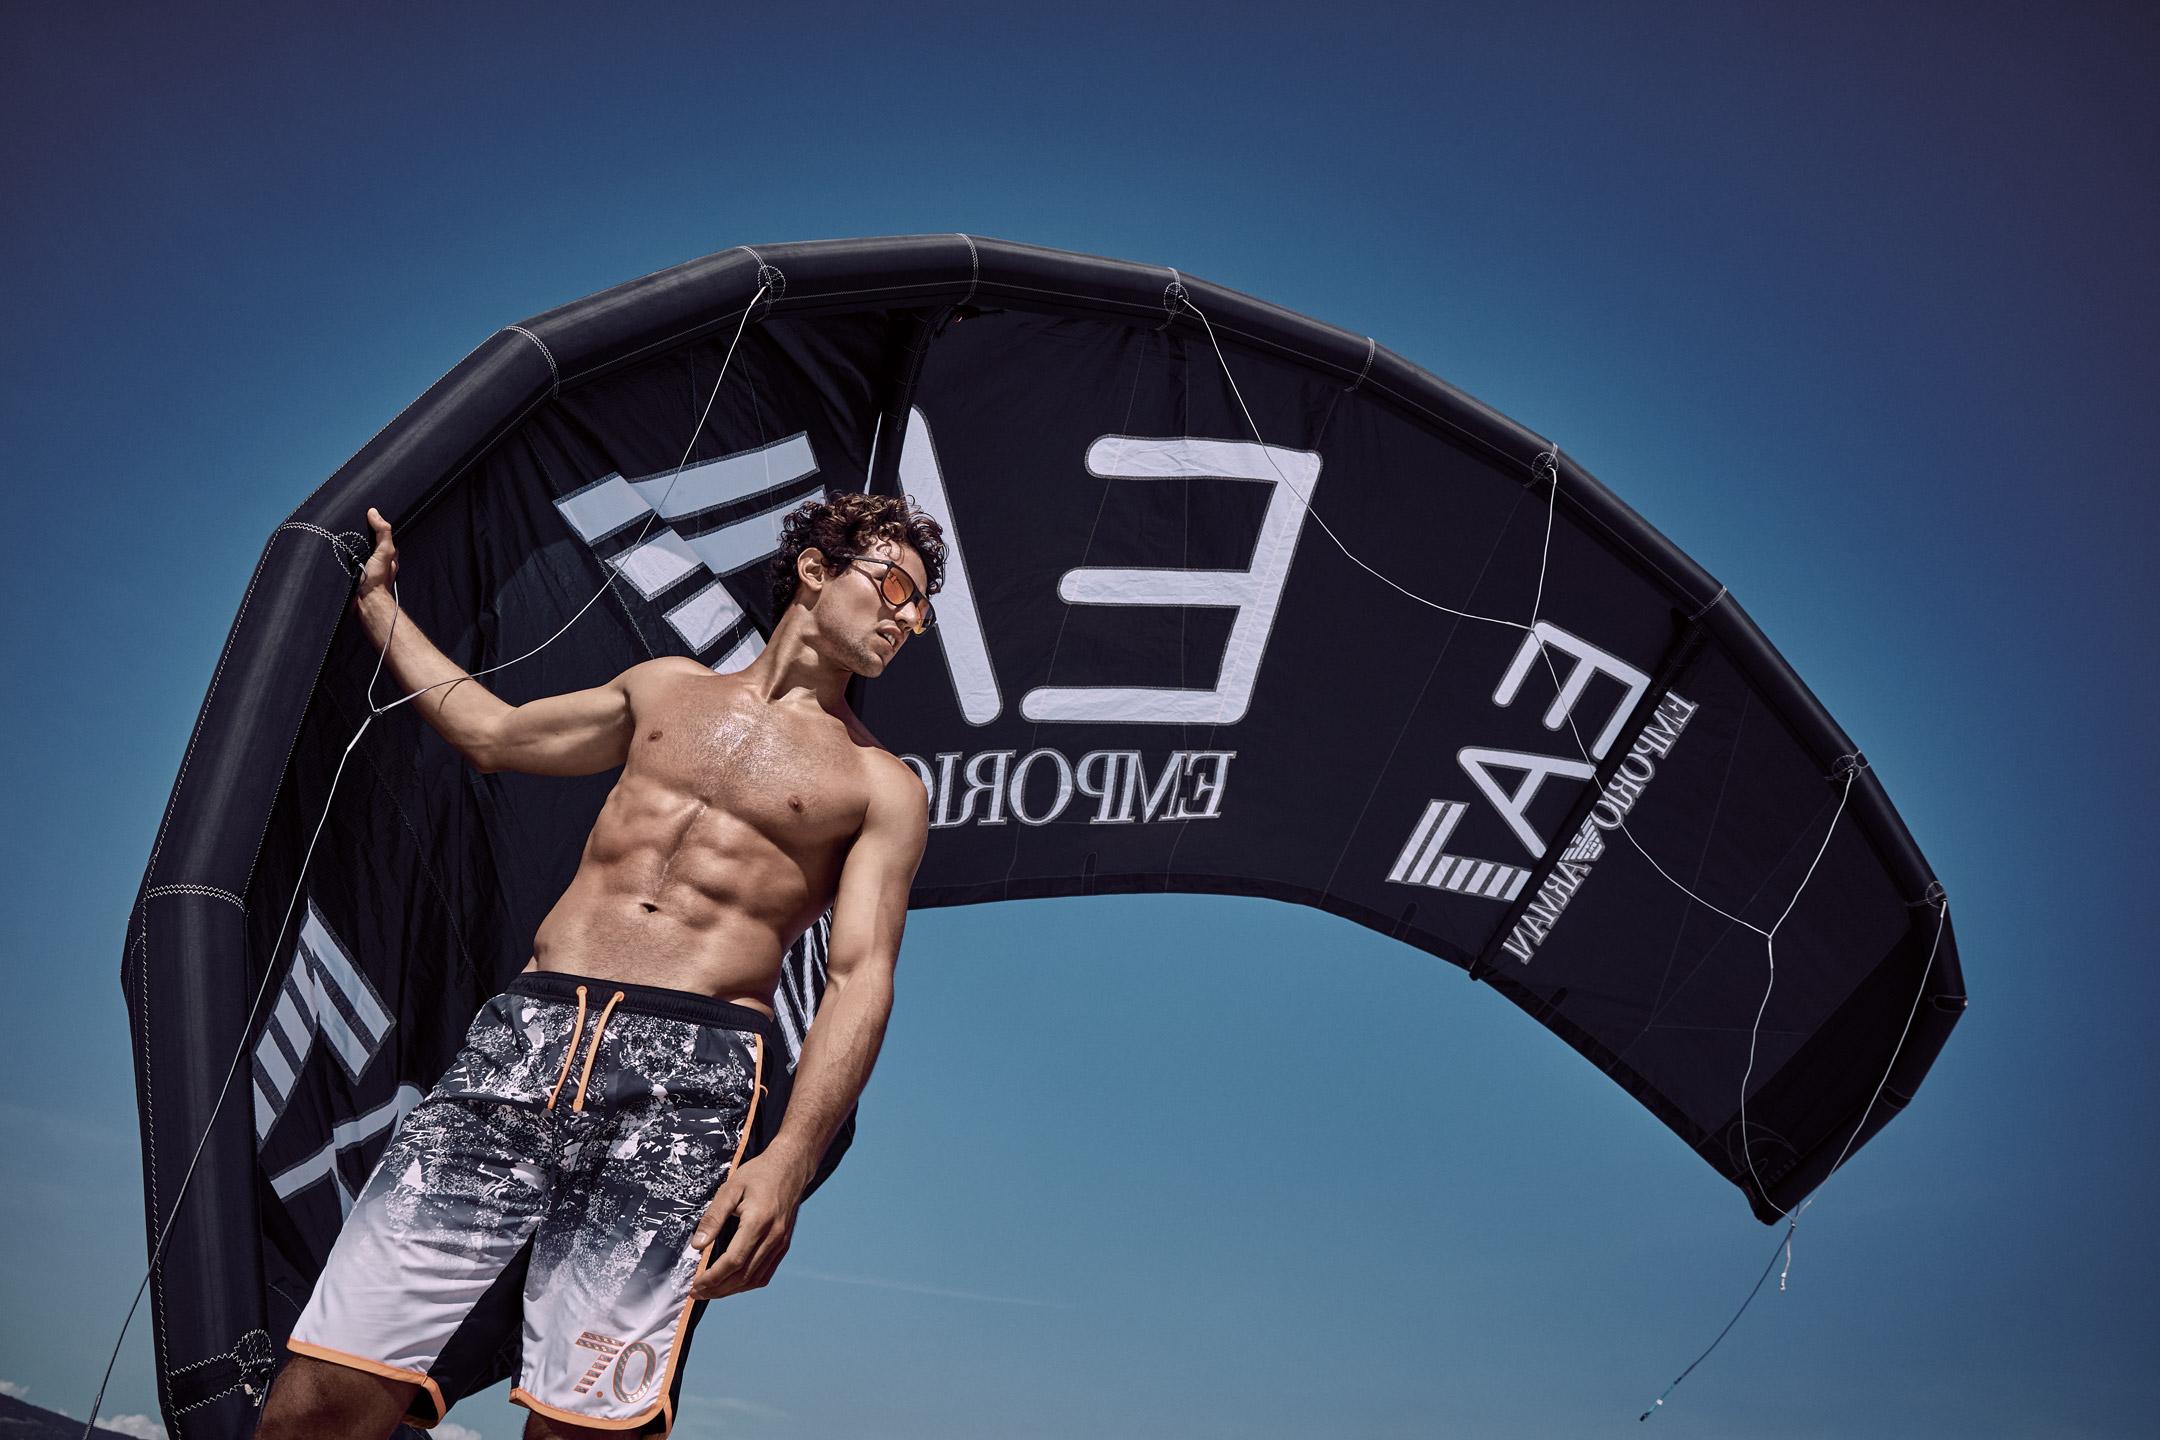 Armani Sport SS'18 | Serge Guerand | Armani | Marie Claire USA | Alison Edmond | Numerique Retouch Photo Retouching Studio